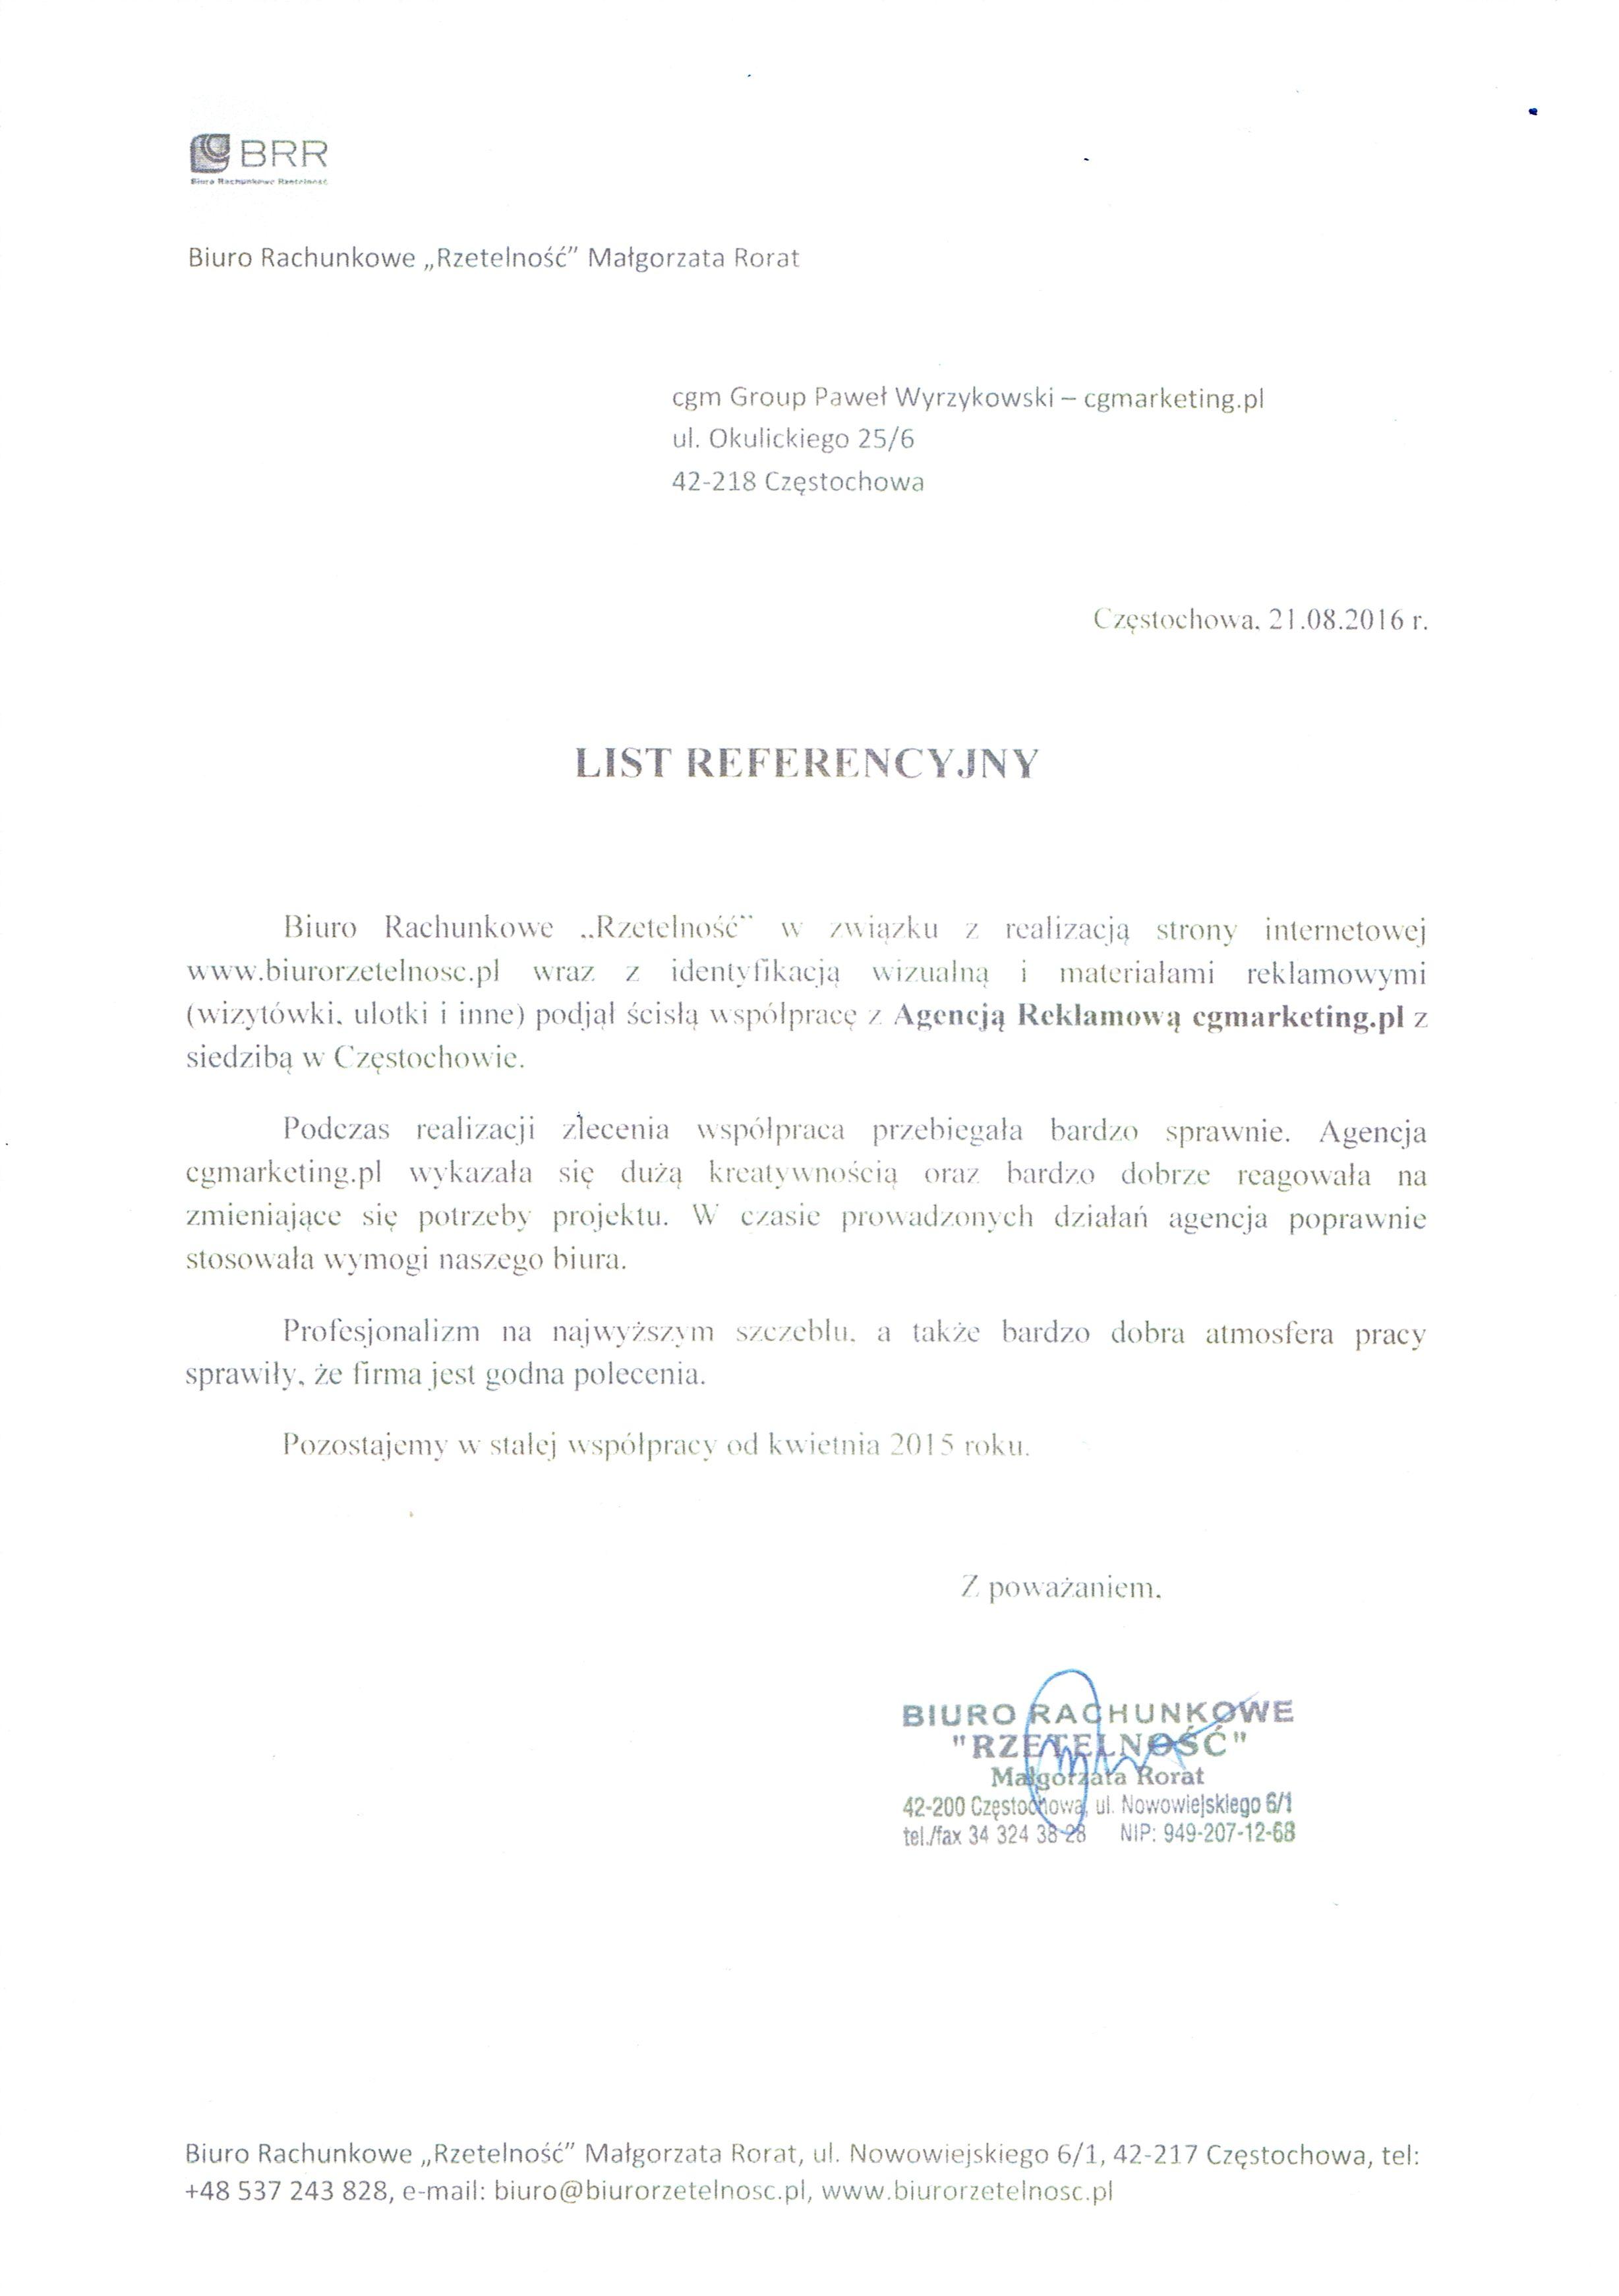 Referencje-Biuro-Rachunkowe-Rzetelność